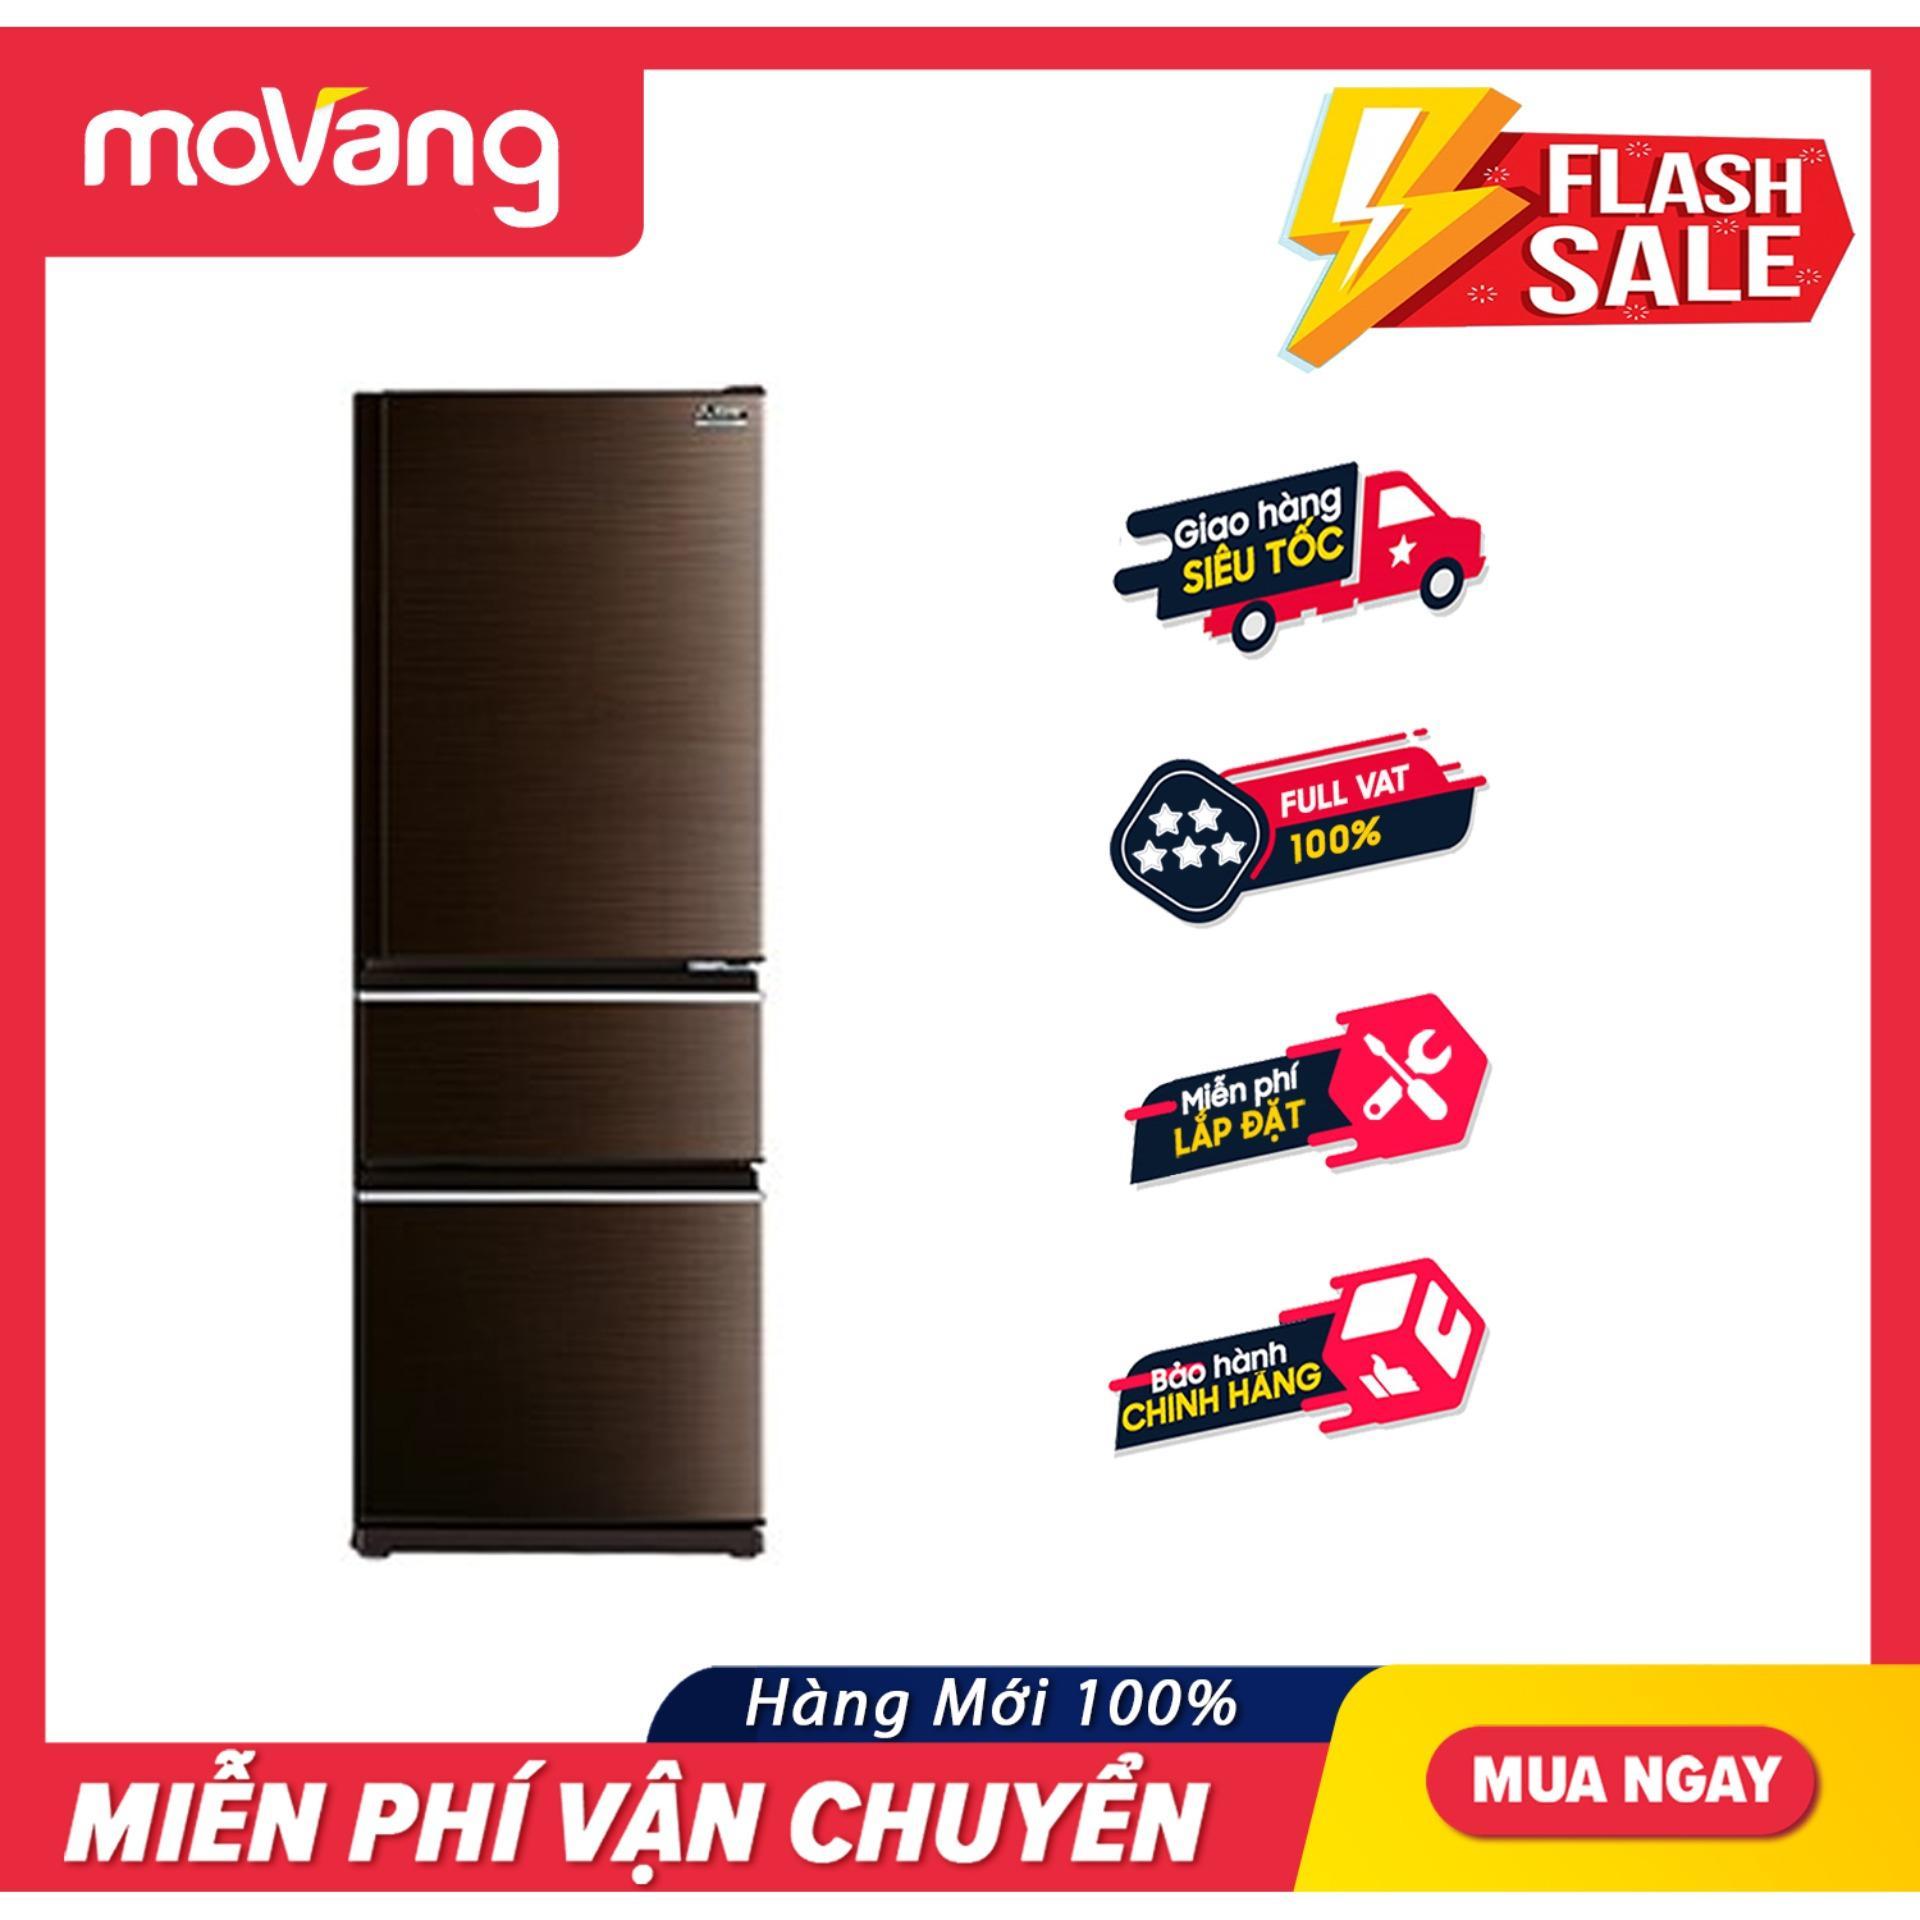 Tủ Lạnh Mitsubishi Electric 326 Lít MR-CX41EJ-BRW-V Công Nghệ Neuro Inverter Tiết Kiệm đến 45% điện Năng, Thiết Kế 3 Vùng Nhiệt độ Riêng Biệt Đang Ưu Đãi Cực Đã